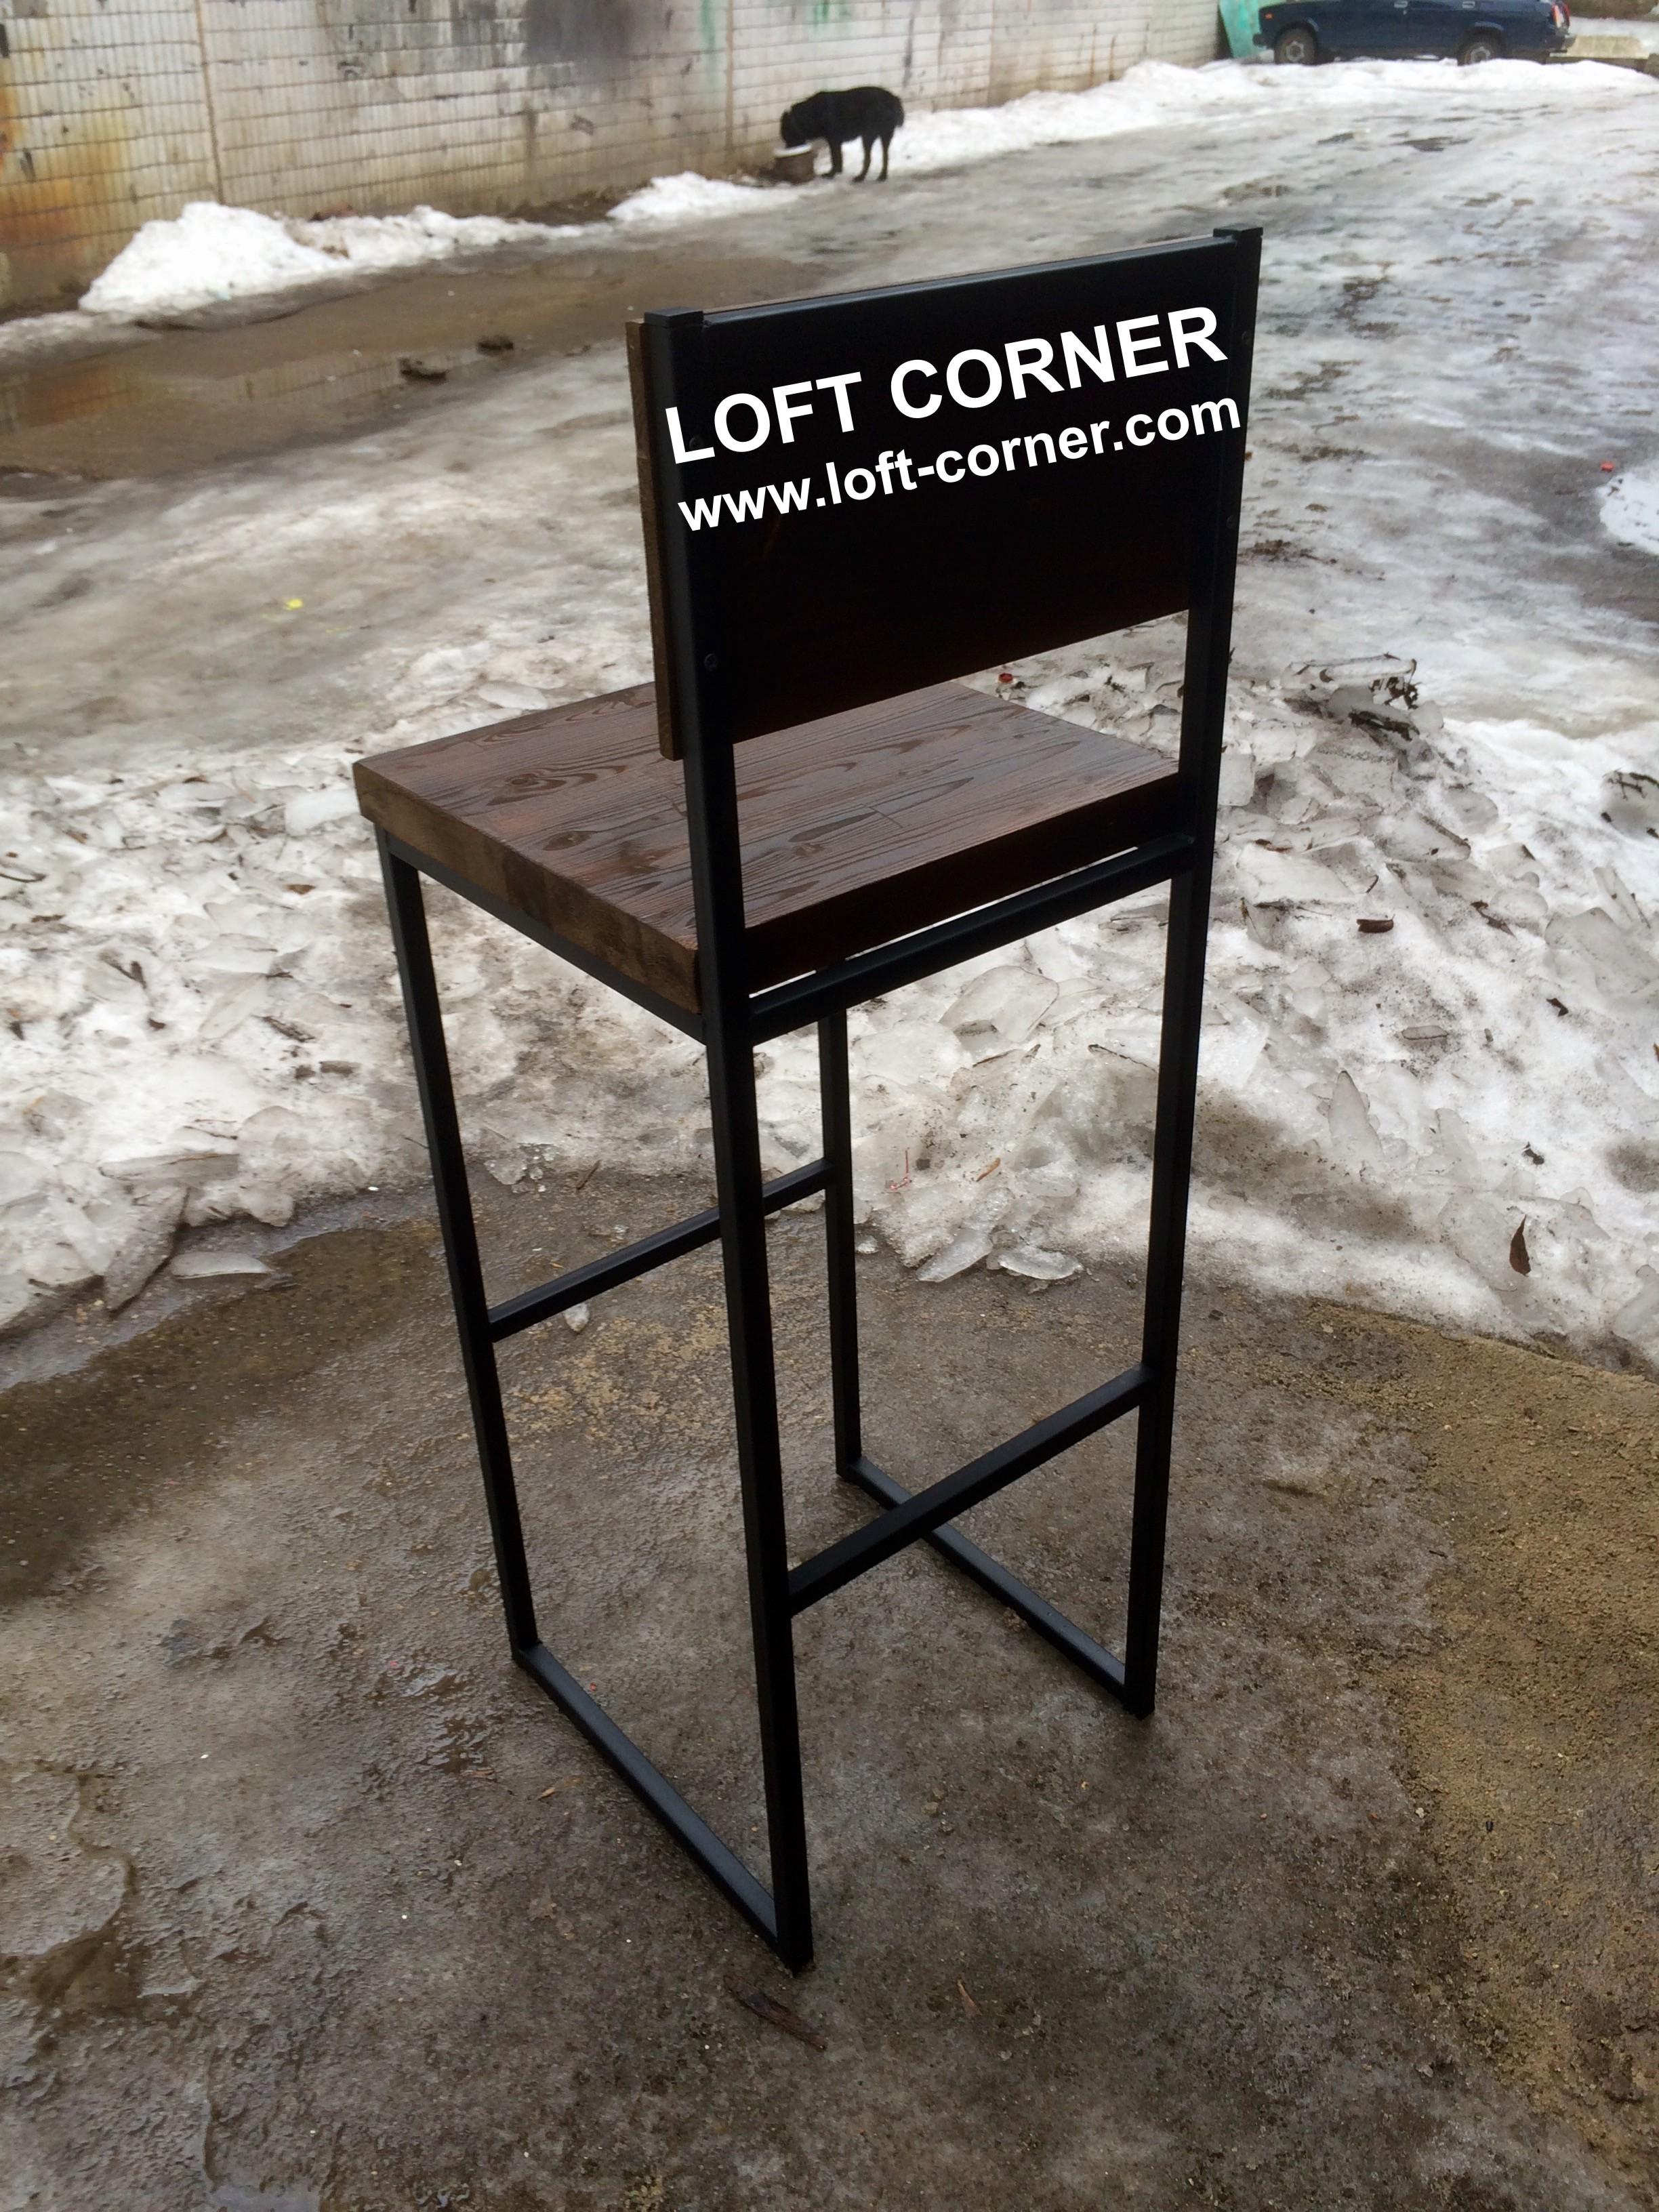 Мебель для бара индастриал, барный стул со спинкой лофт, производтство ресторанной мебели лофт, барн